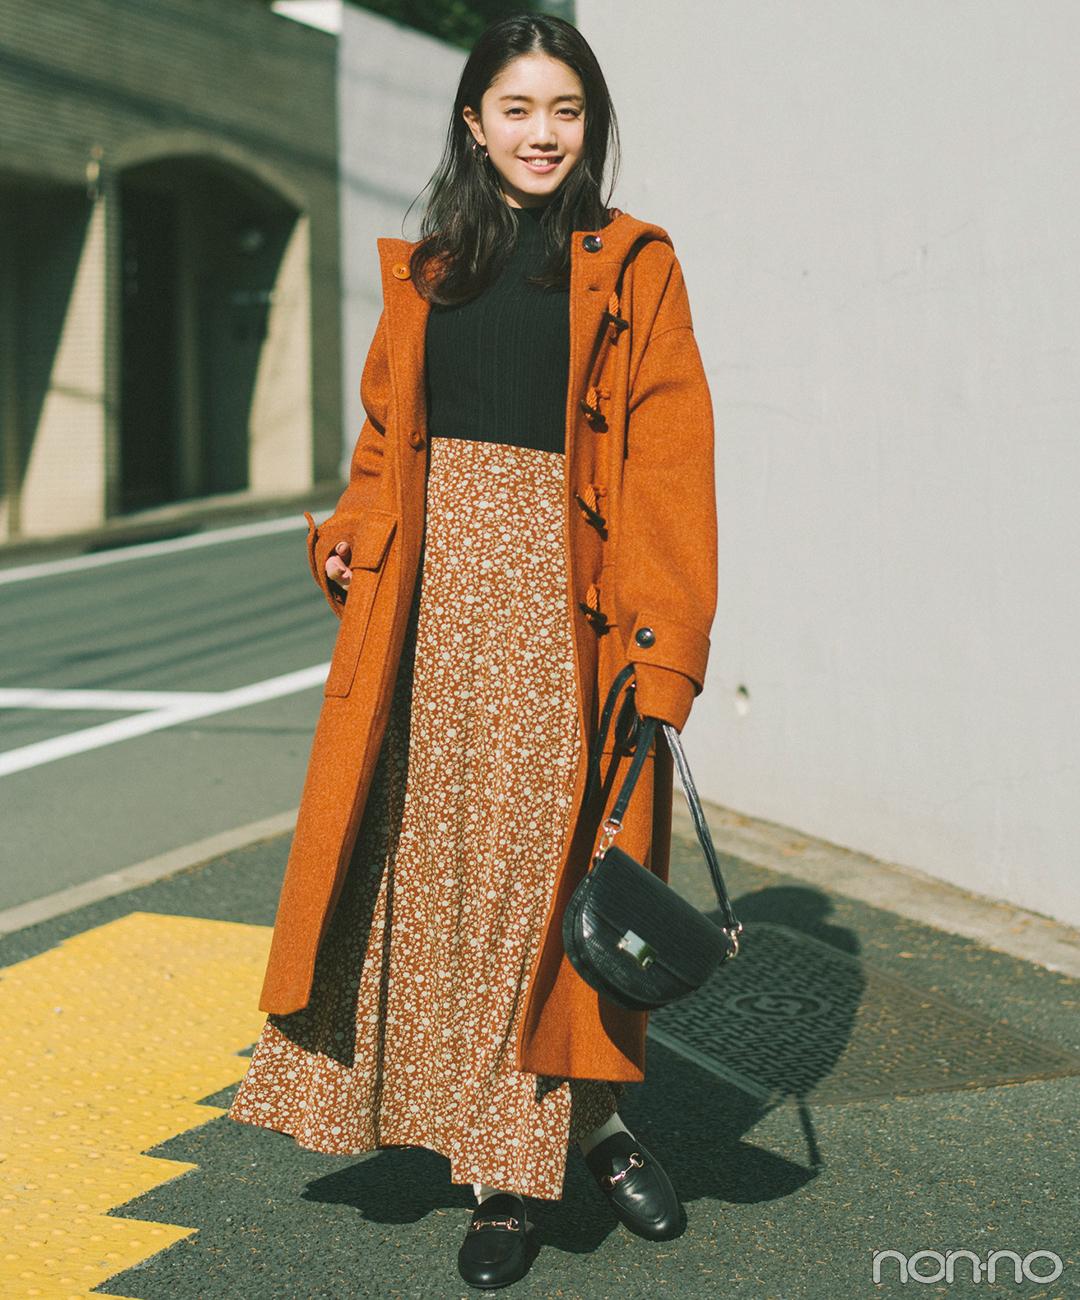 ロングコート×ロングスカートはグラデ配色で印象すっきり!【毎日コーデ】